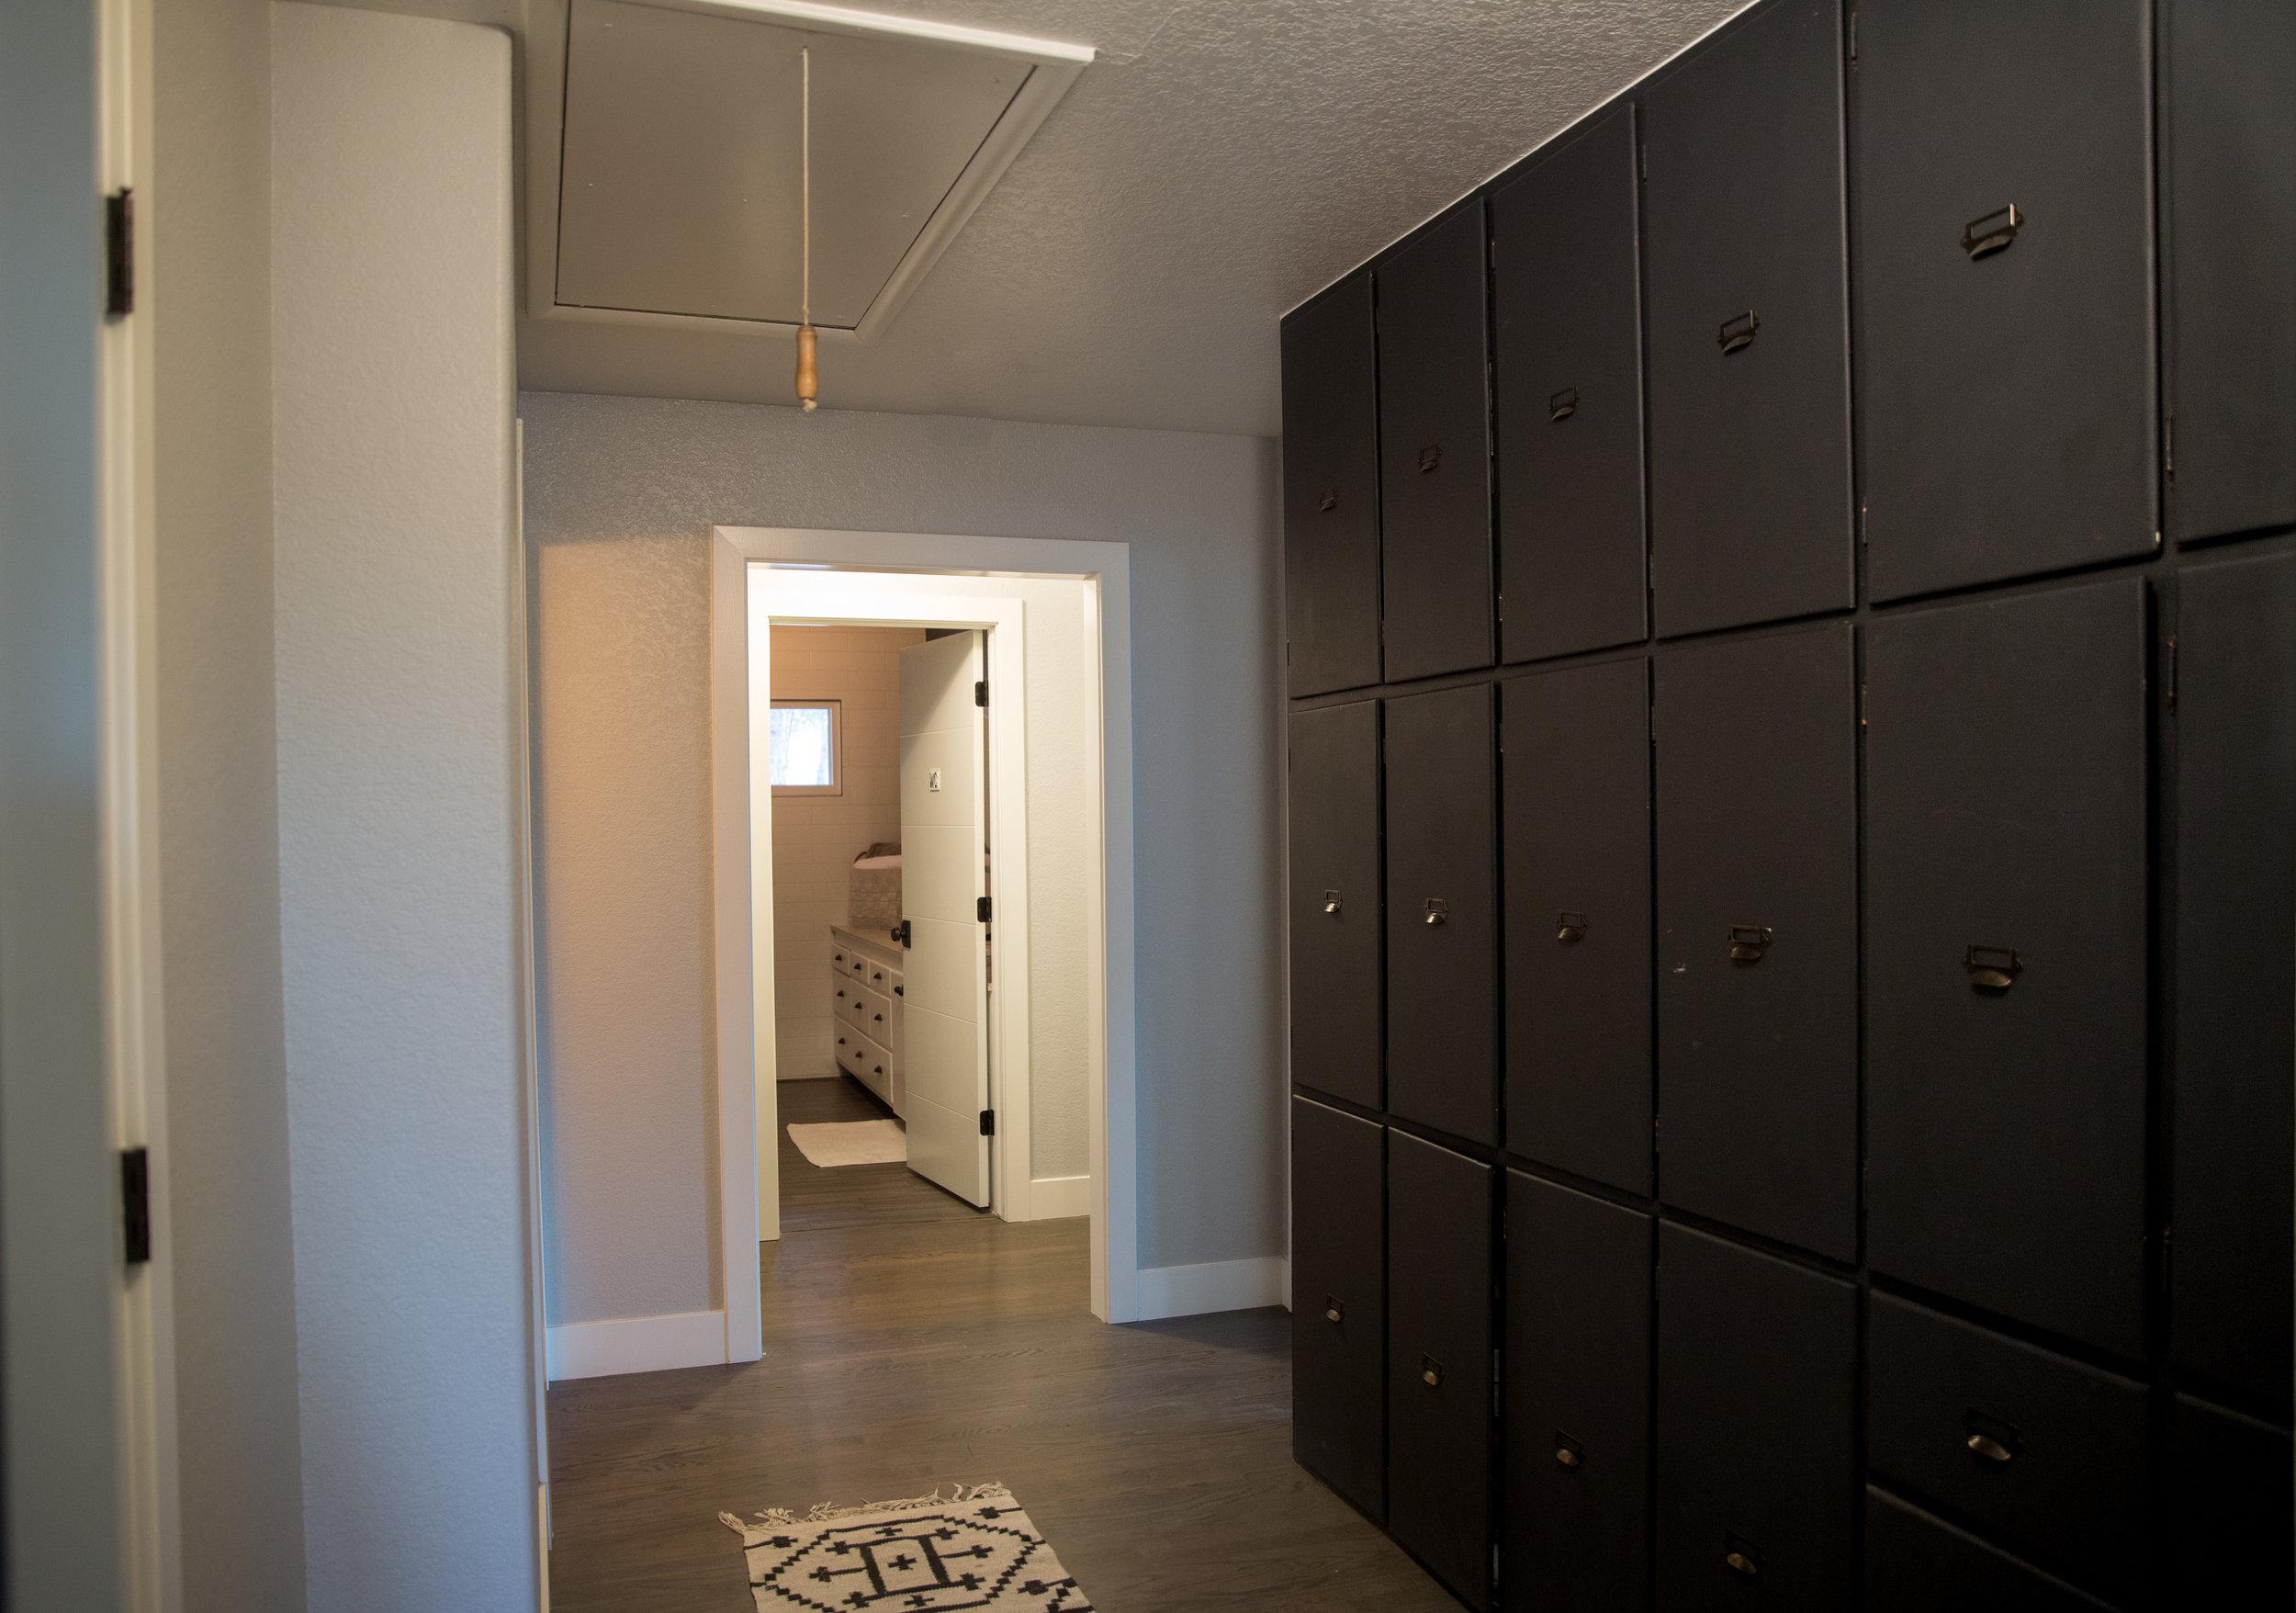 mitchell-hallway-after-1.jpg